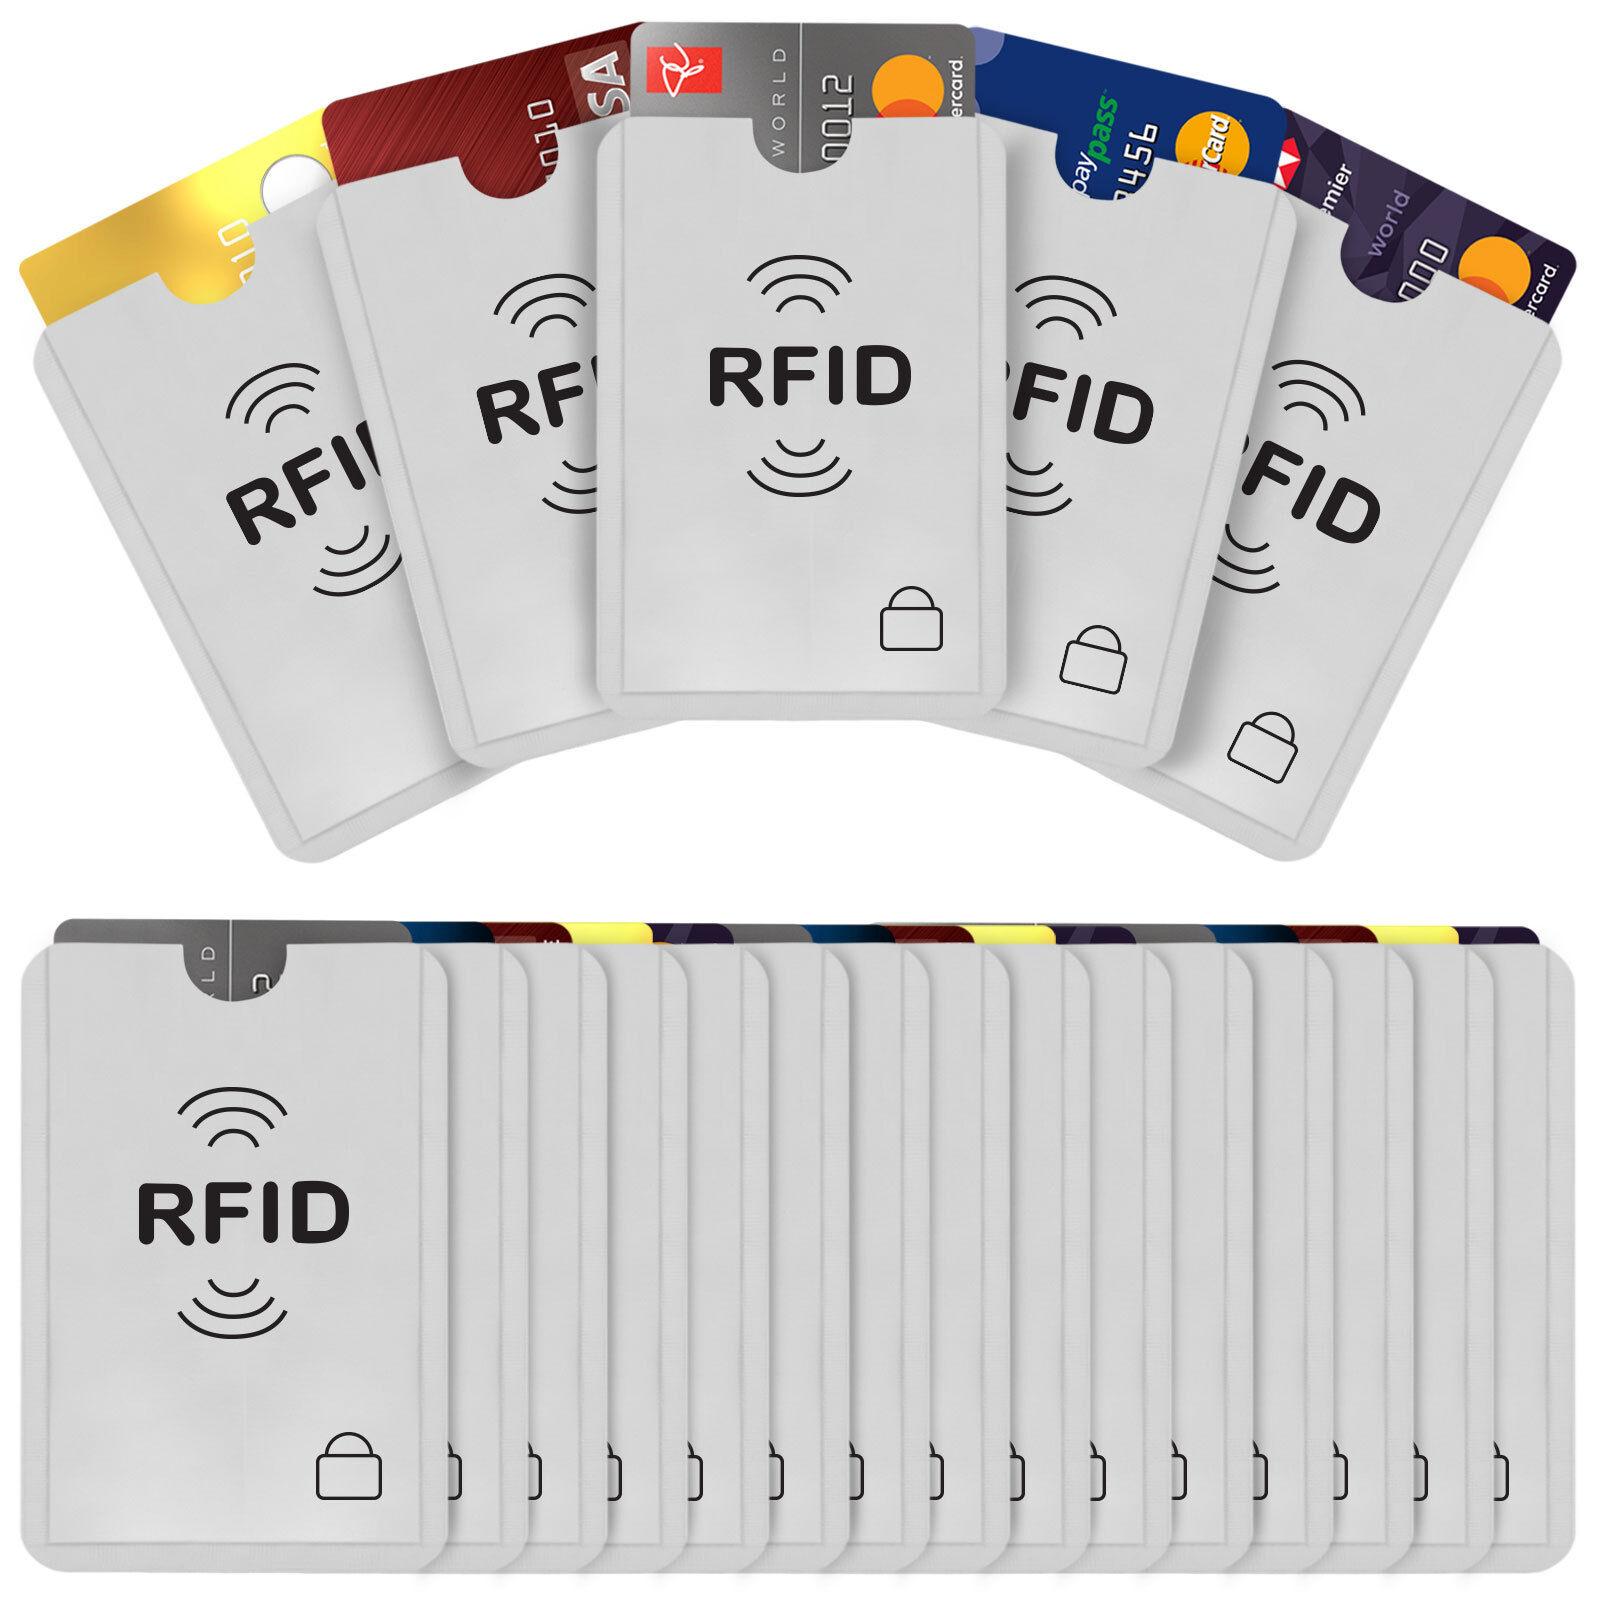 20 Pack RFID Blocking Slim Credit Debit Card Holder Sleeves Travel Wallet